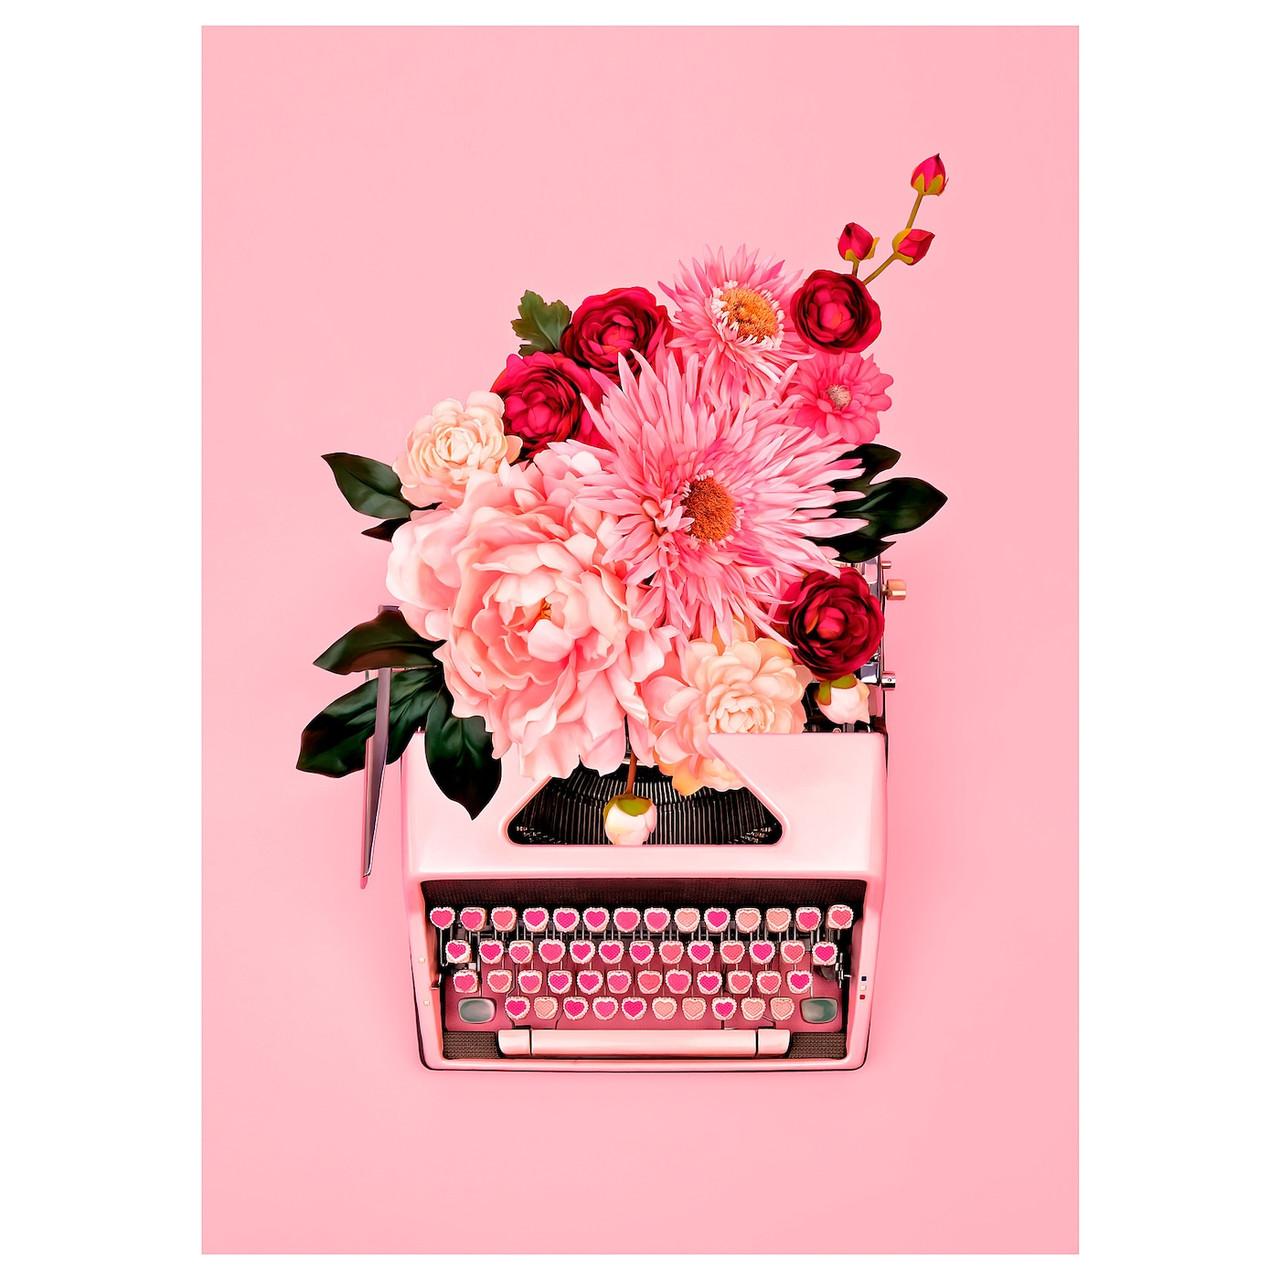 PJÄTTERYD Изображение, Розовая печатная машинка, 50х70 см